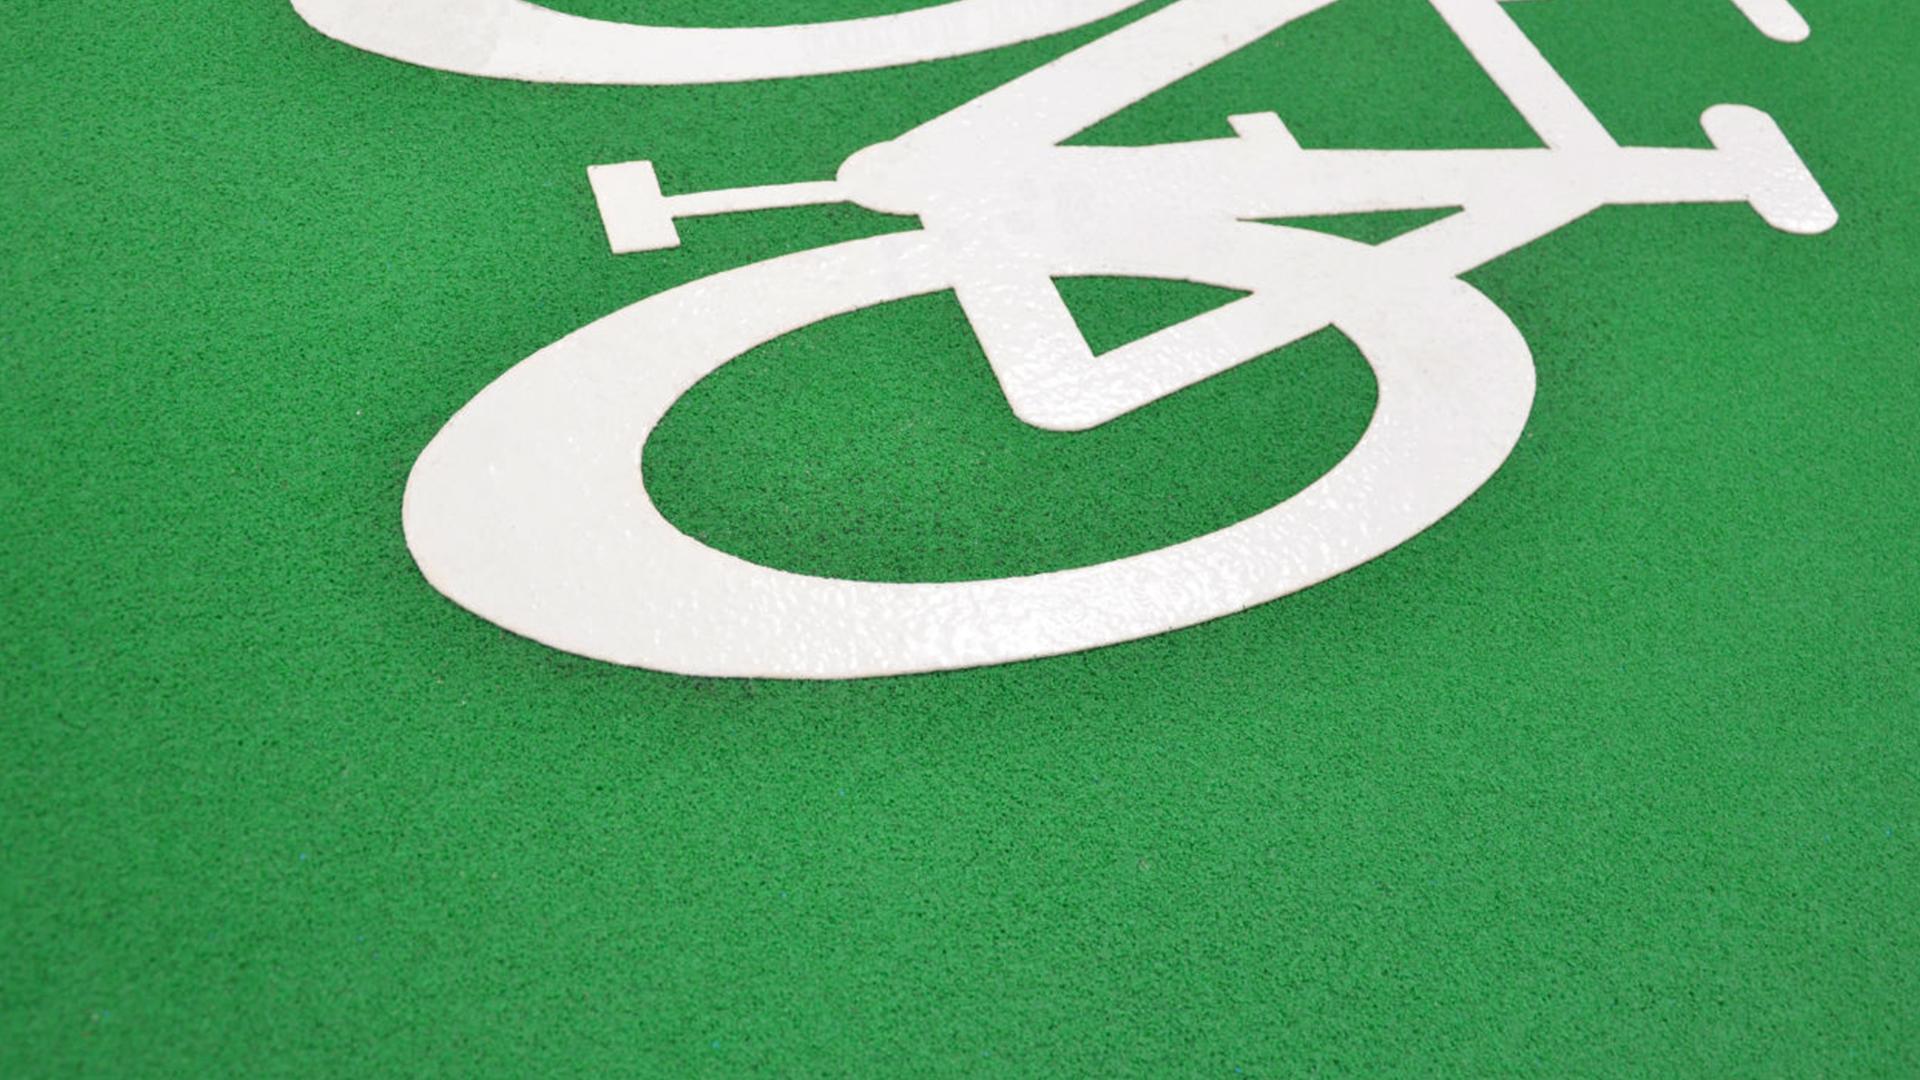 CycleWay 5